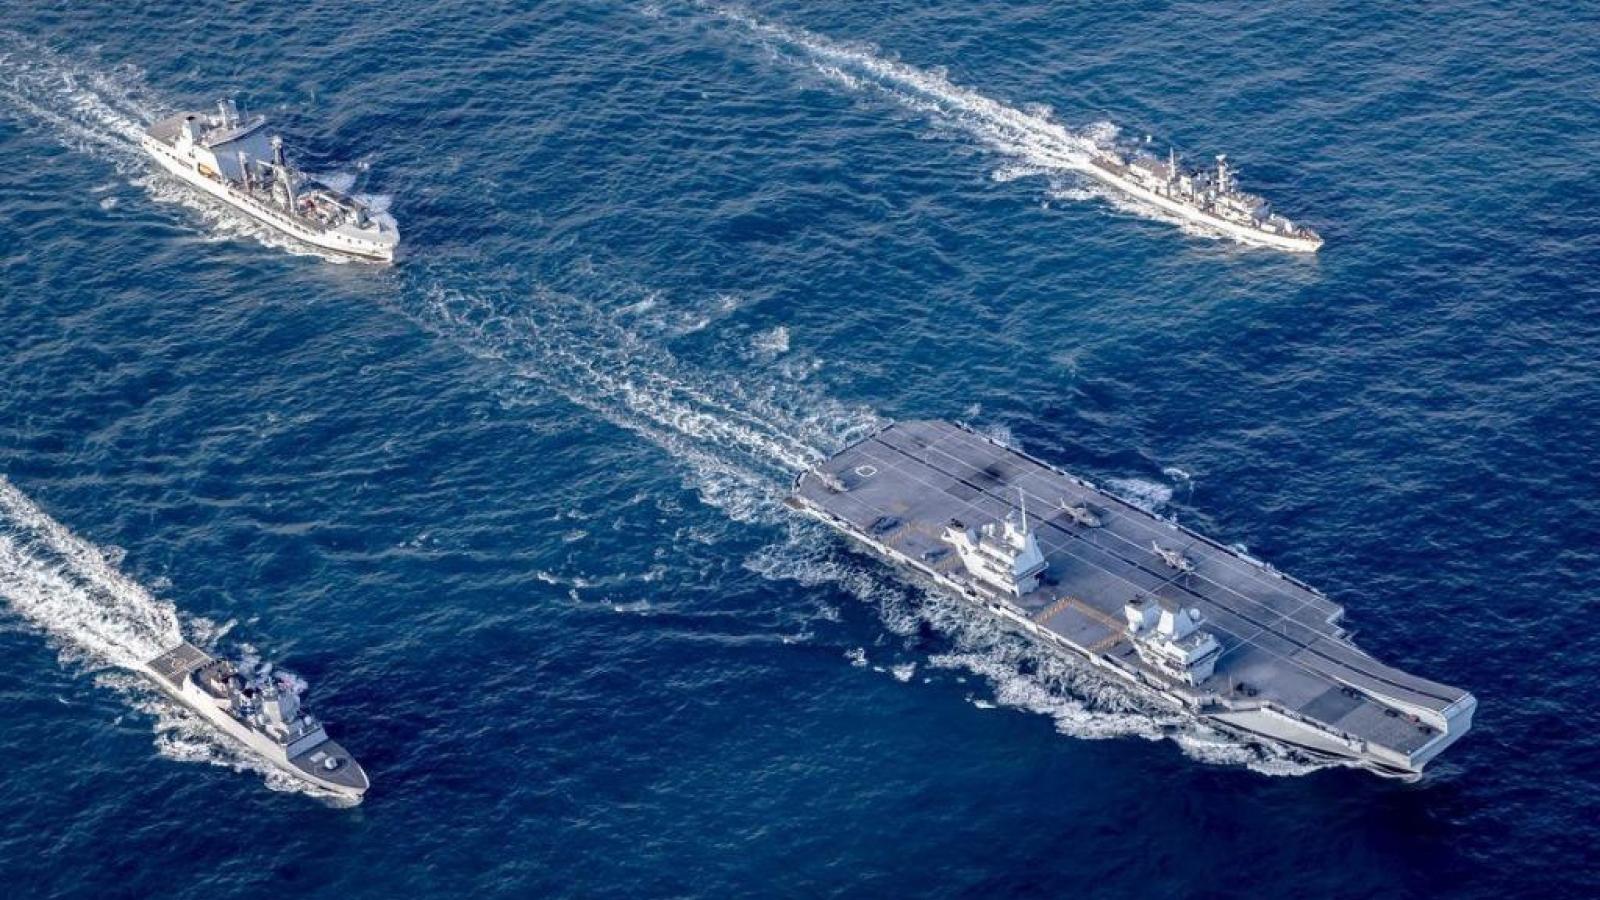 """Ngoại giao chiến hạm của Anh và chiến lược """"chọc gấu tránh rồng"""""""